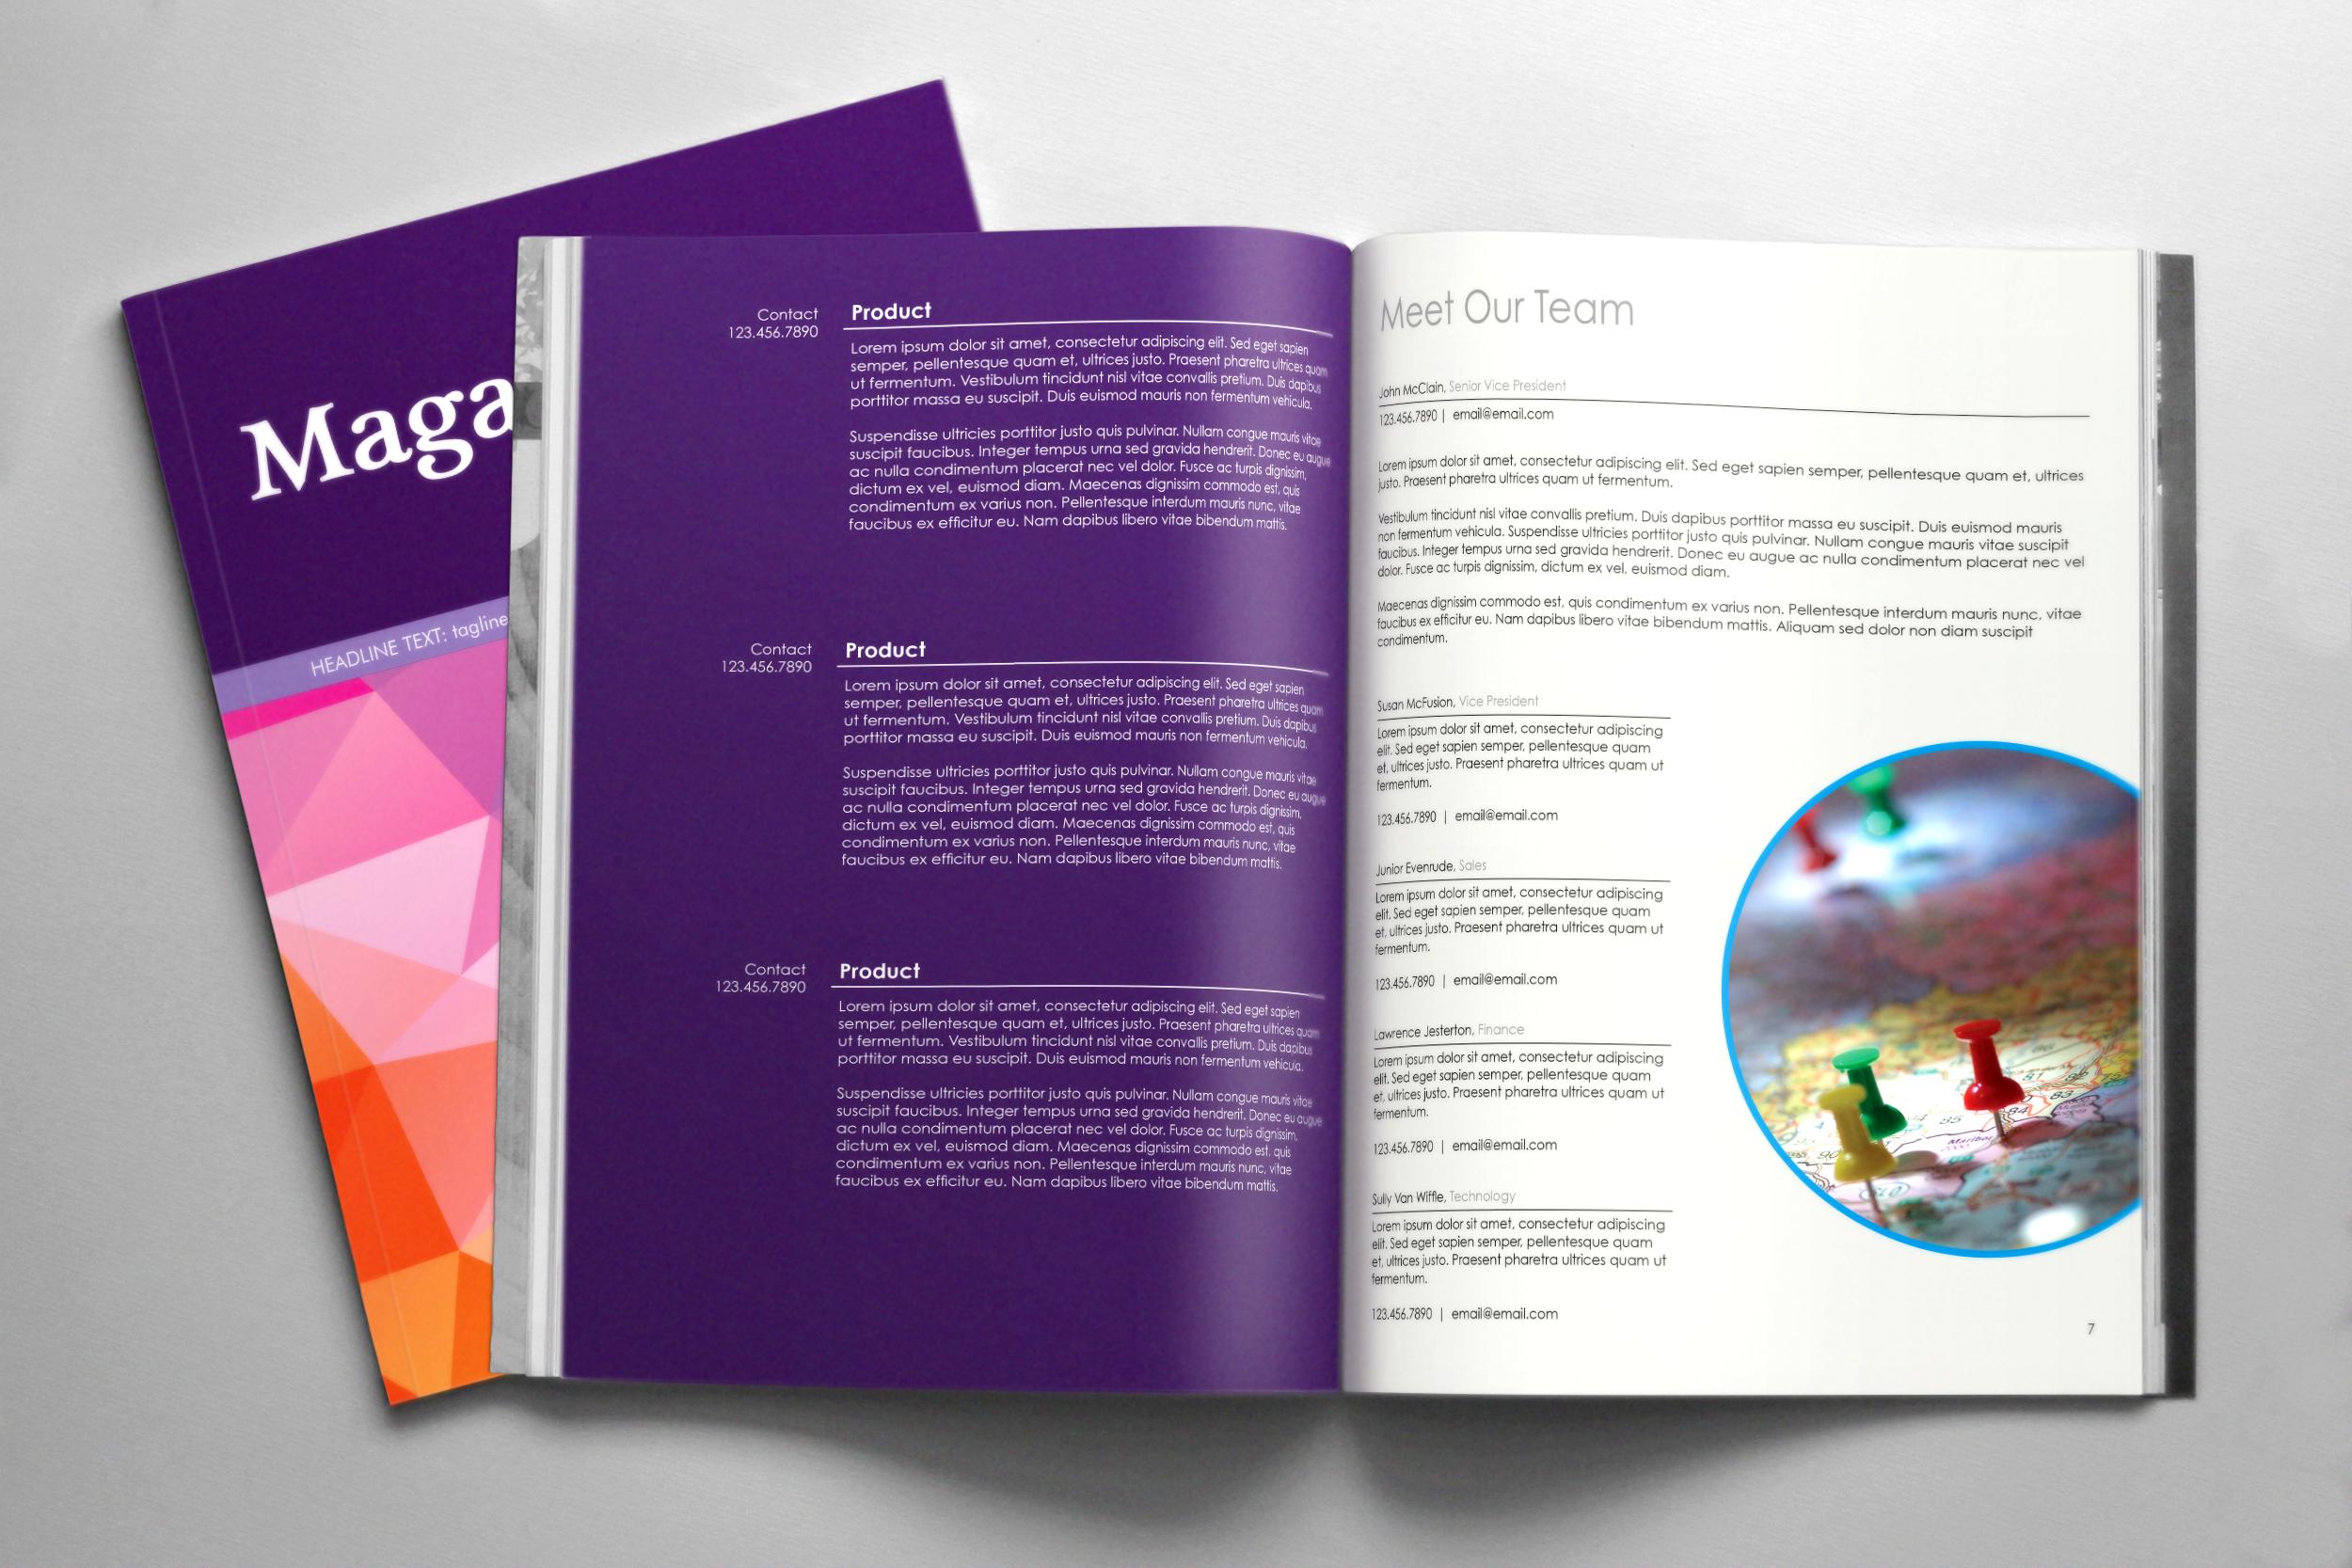 magazine-layout-3.png